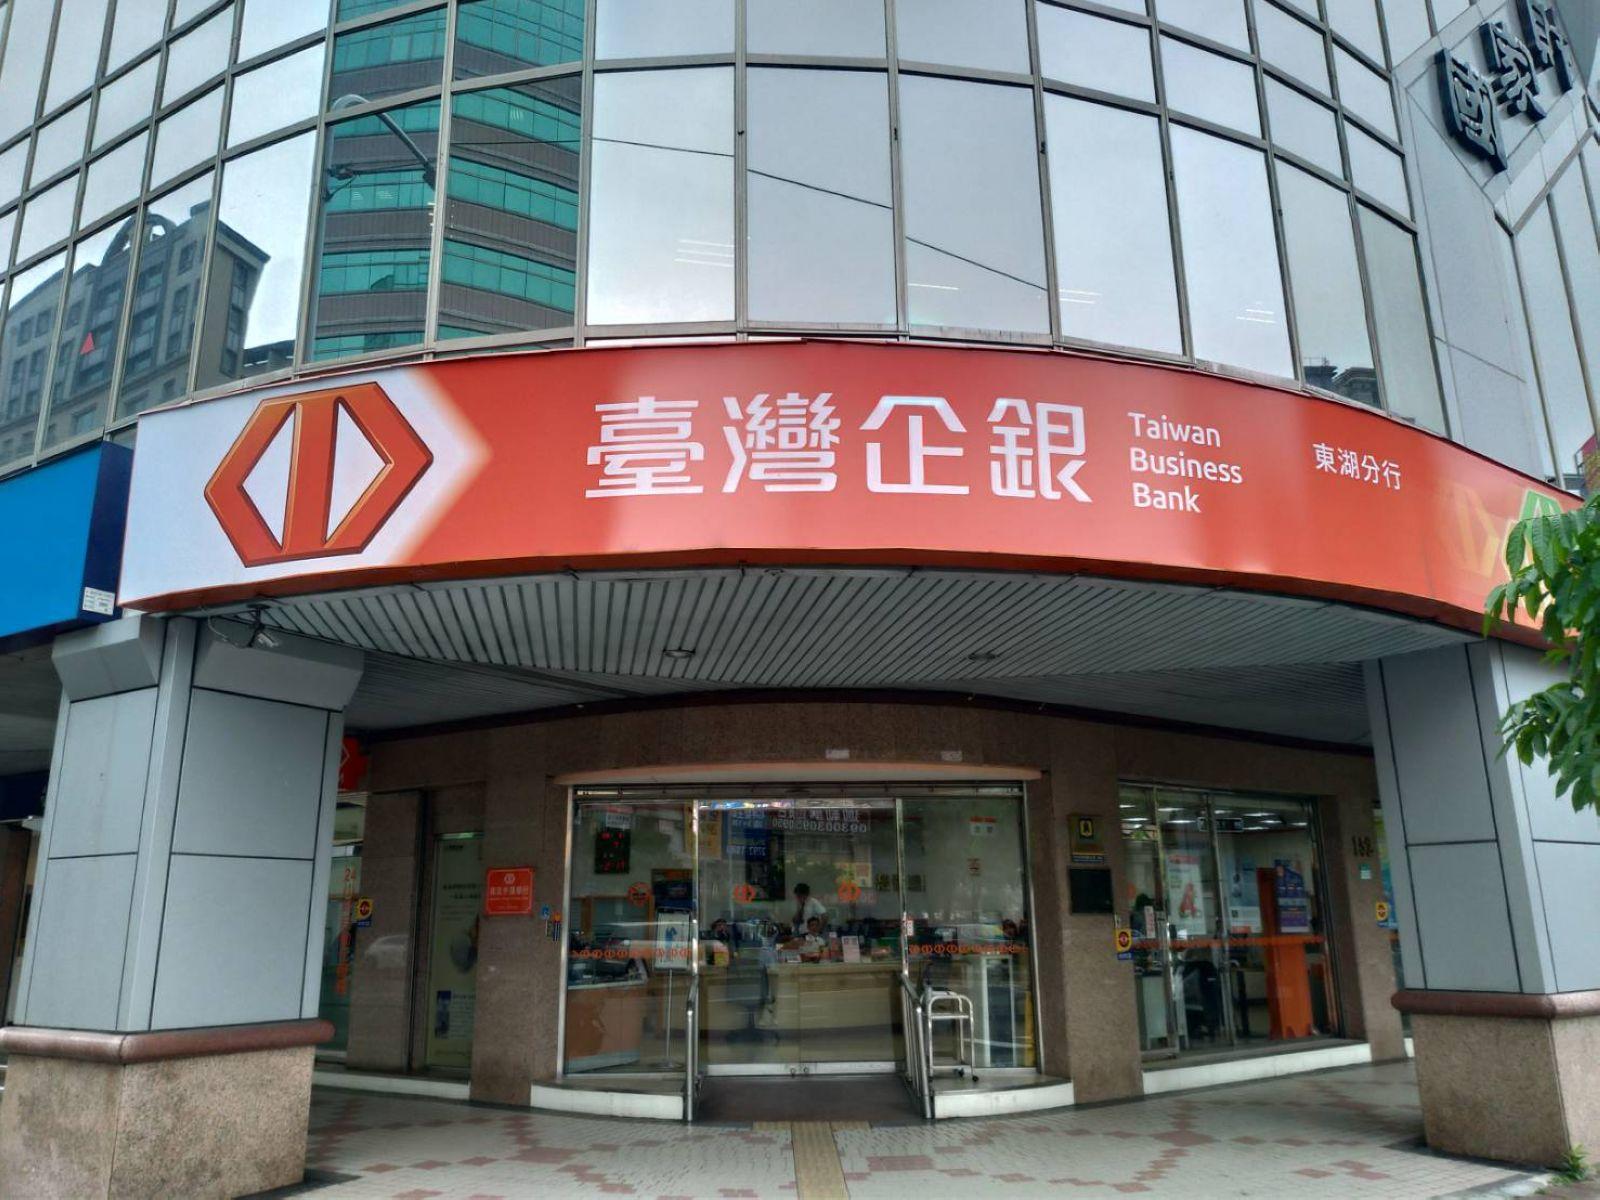 【葉國俊觀點】我國需要什麼樣的「專業銀行」:由國發基金入股臺企銀與KfW收購「五十赫茲」談起